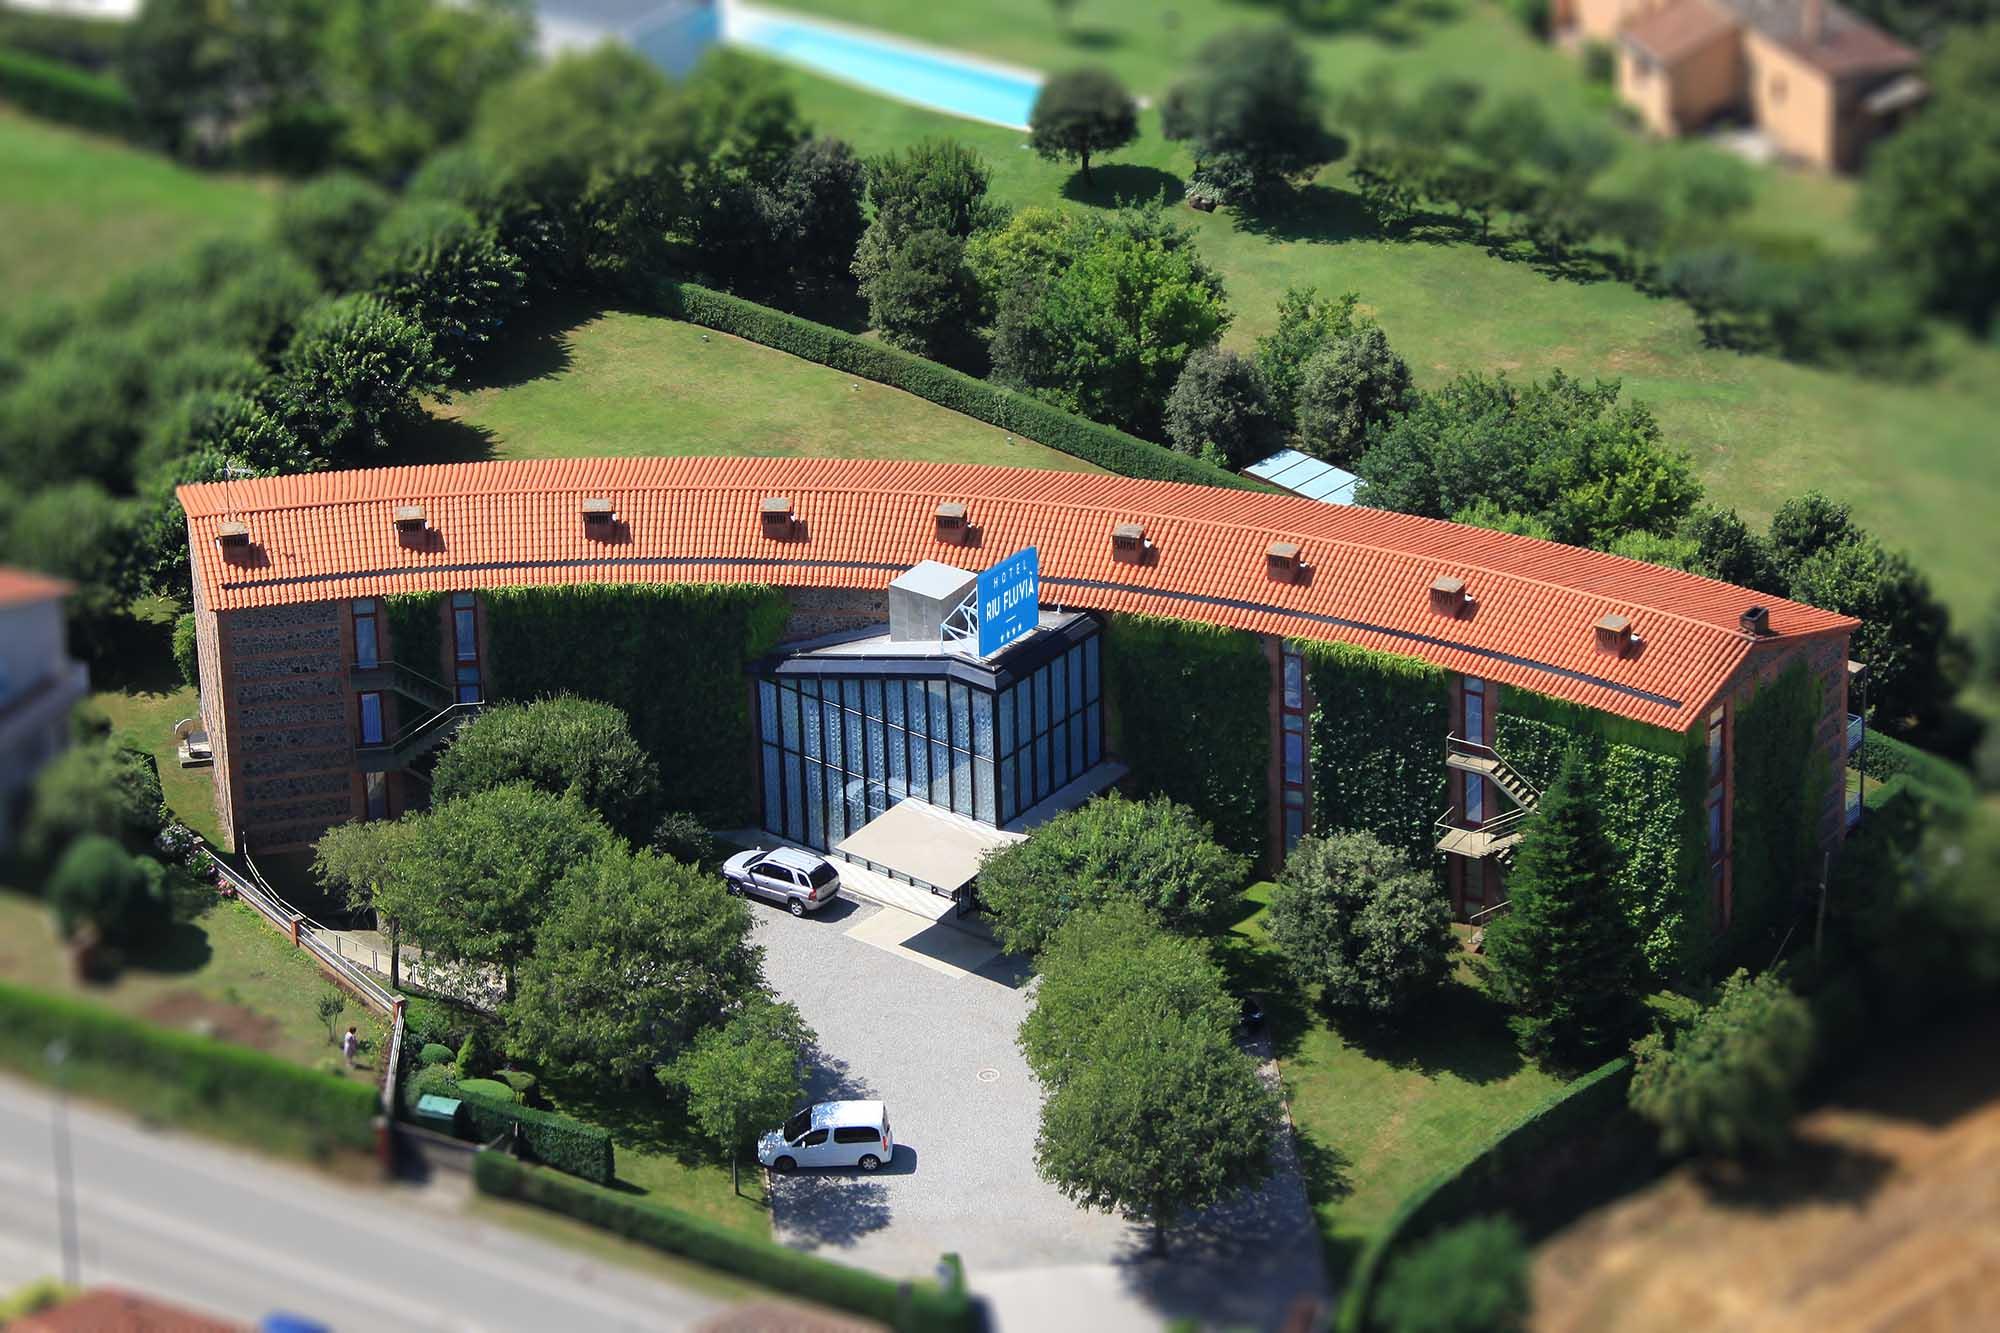 Hotel Riu Fluvià, vista aèria